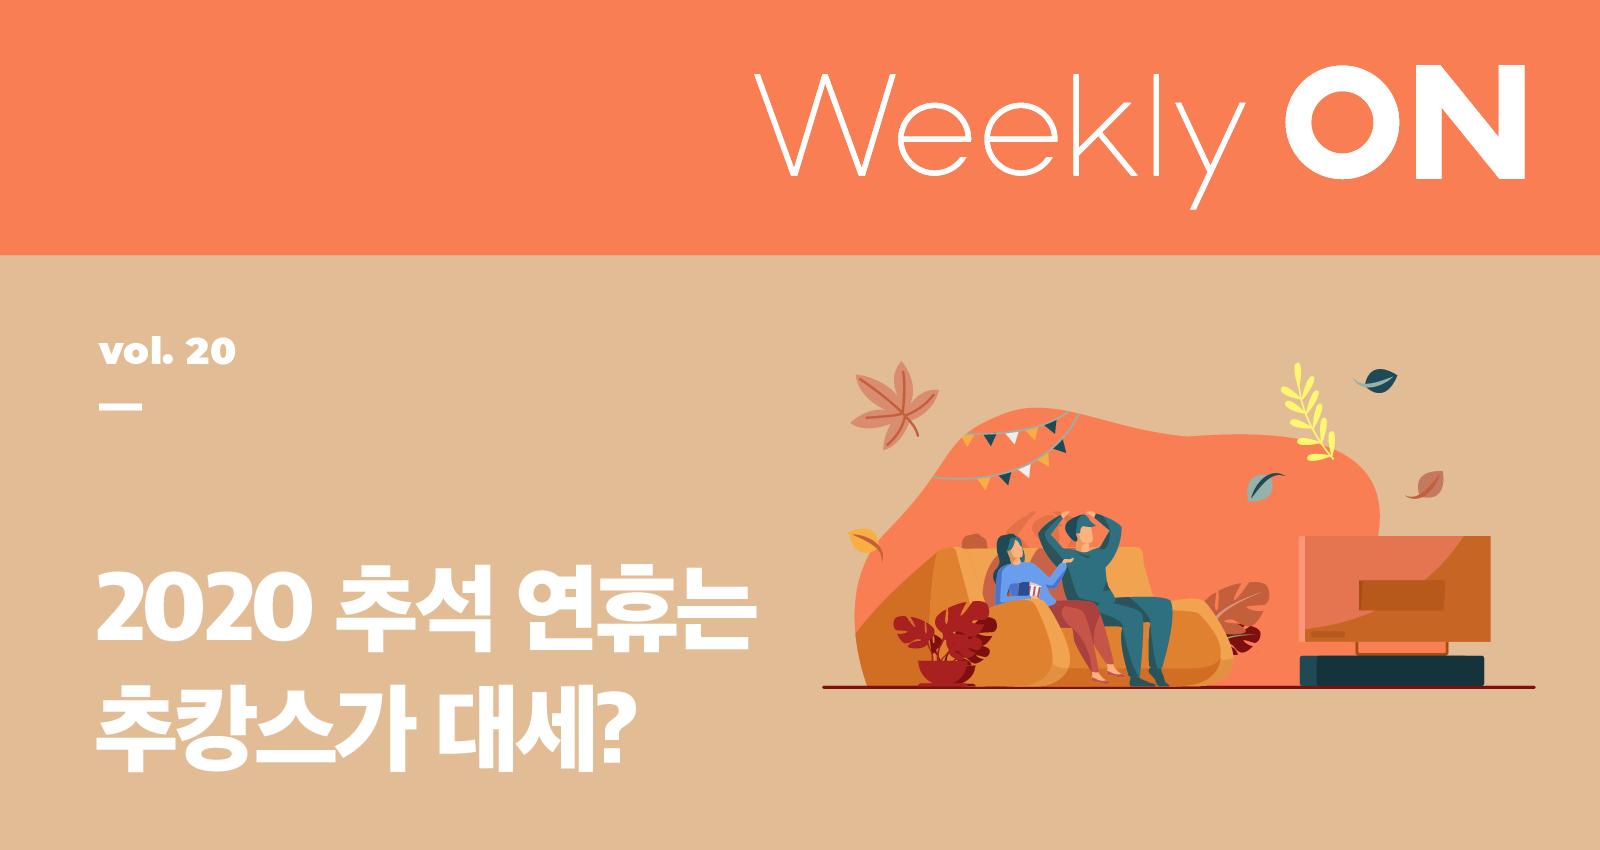 [뉴스레터] Weekly ON 2020년 9월 소식 (2020.09.22 업데이트)